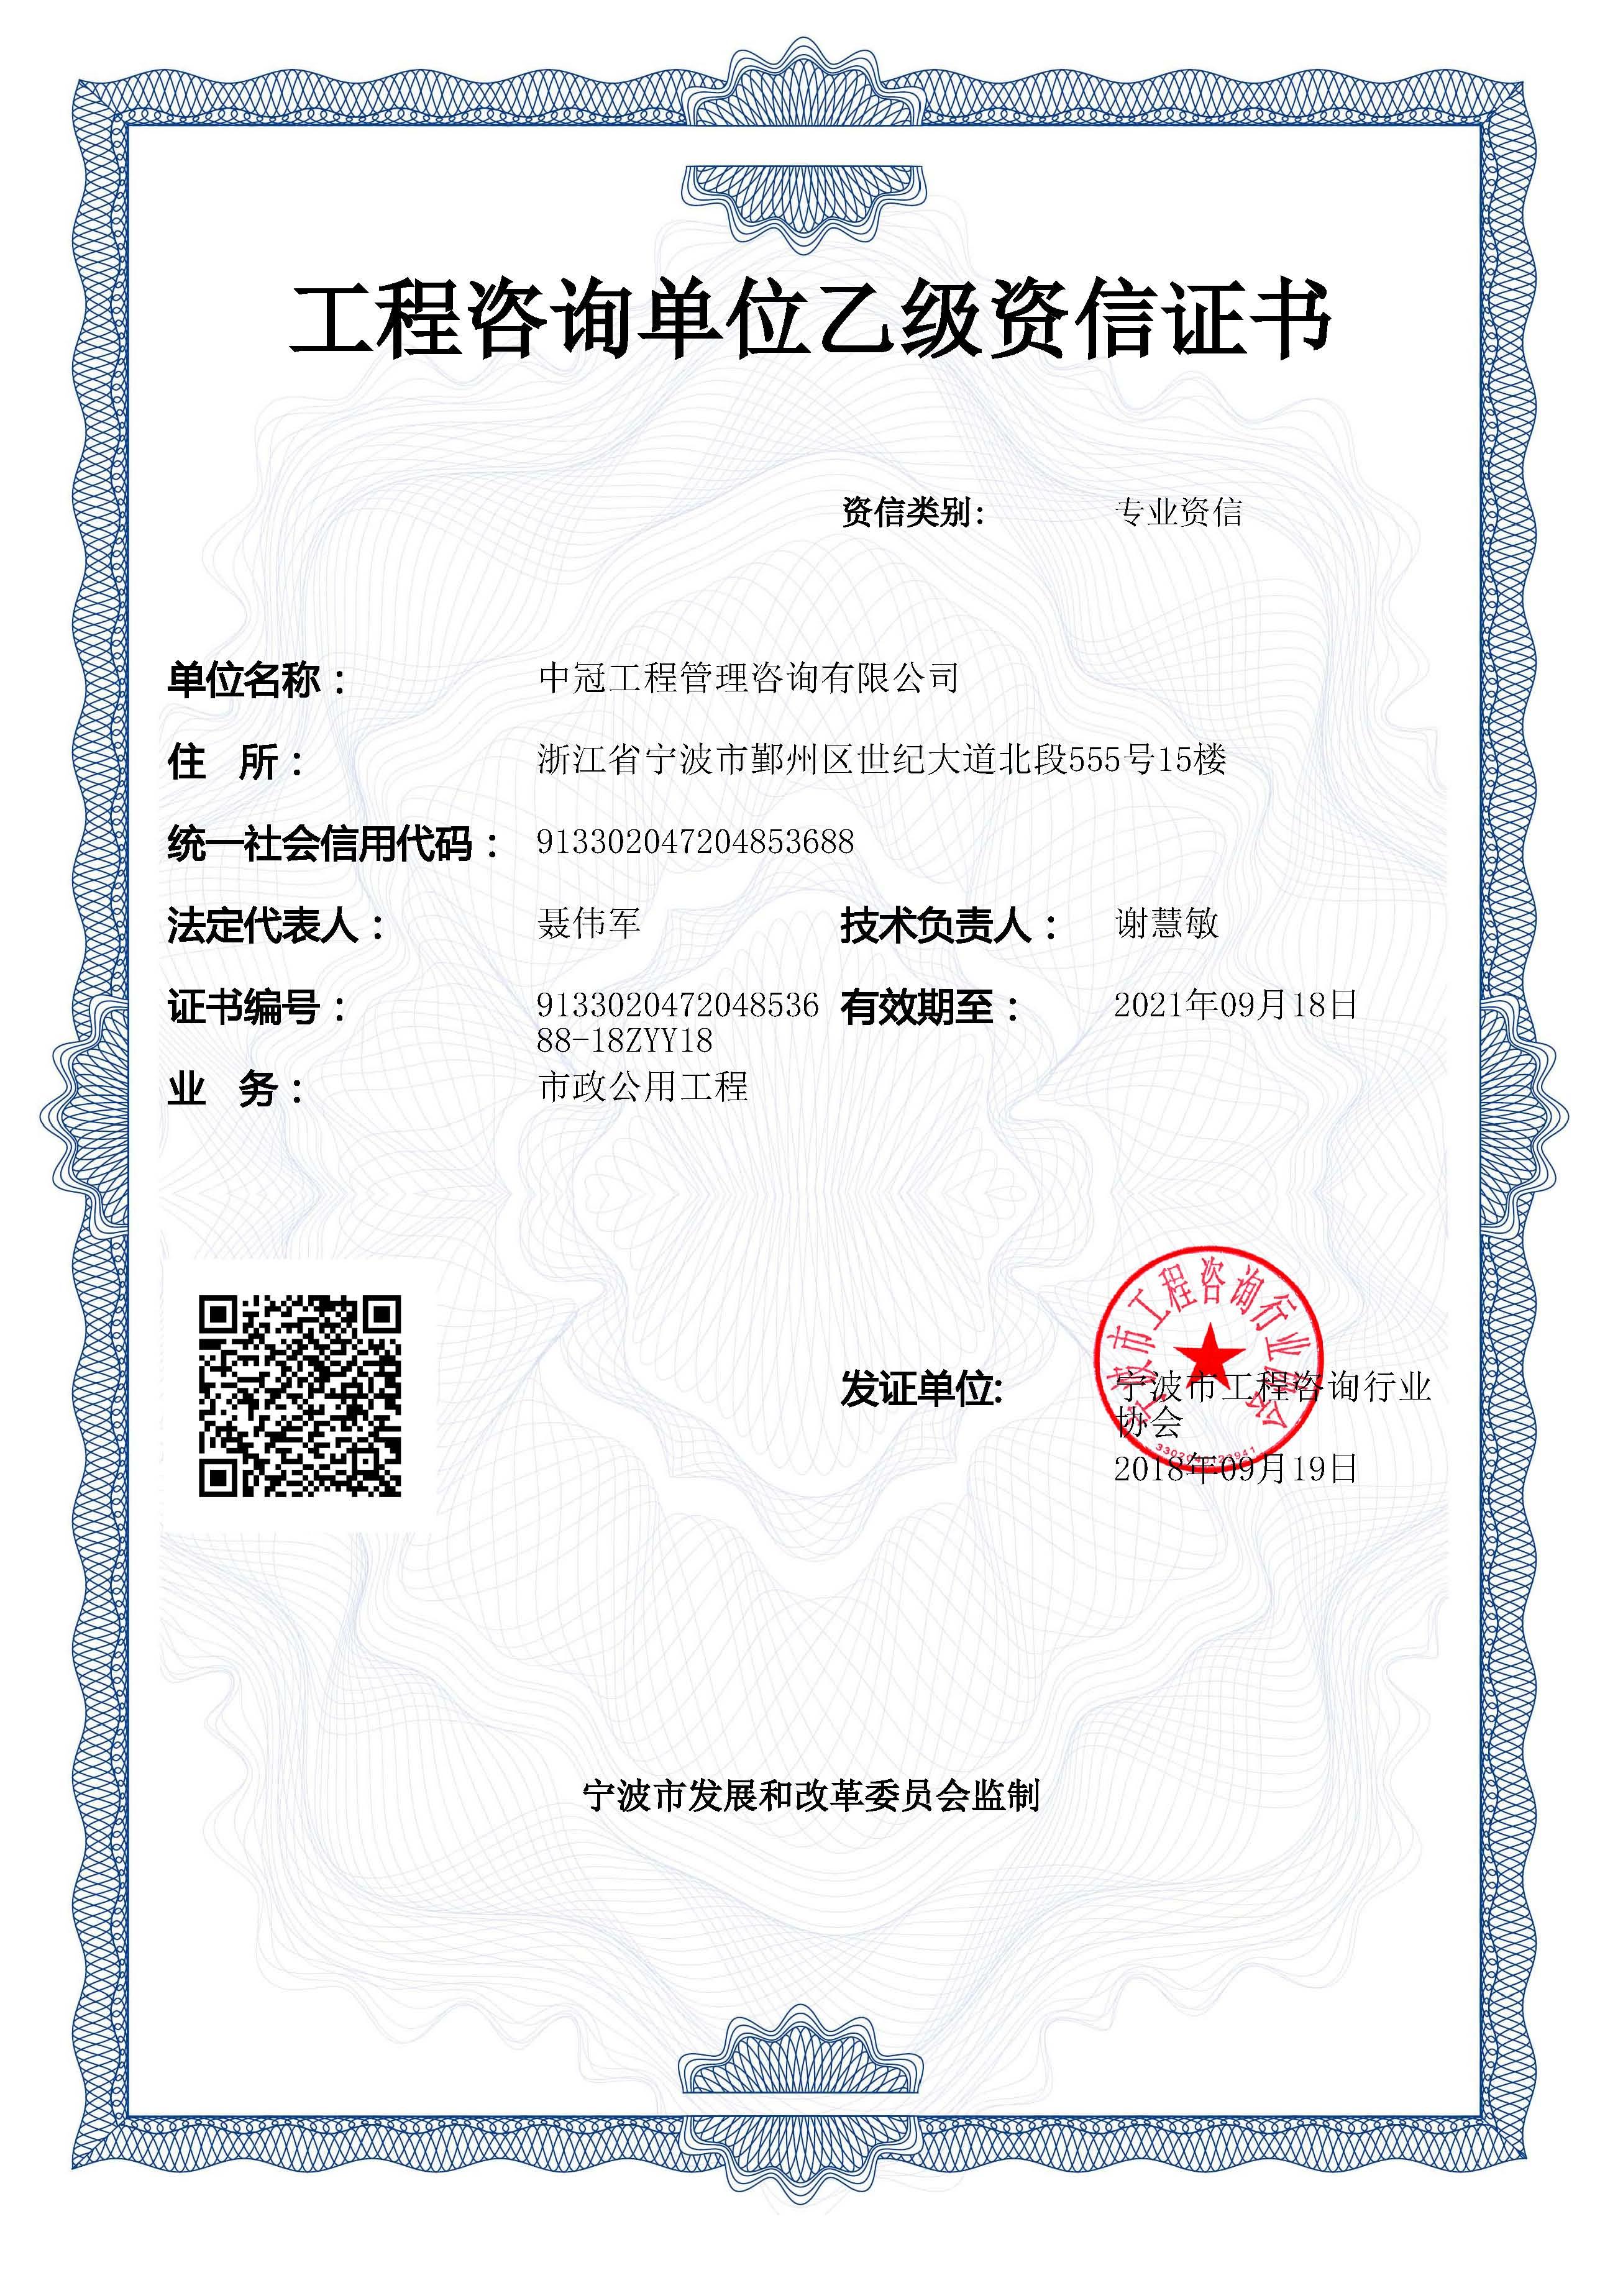 《工程咨询单位乙级资信证书》(市政公用工程)